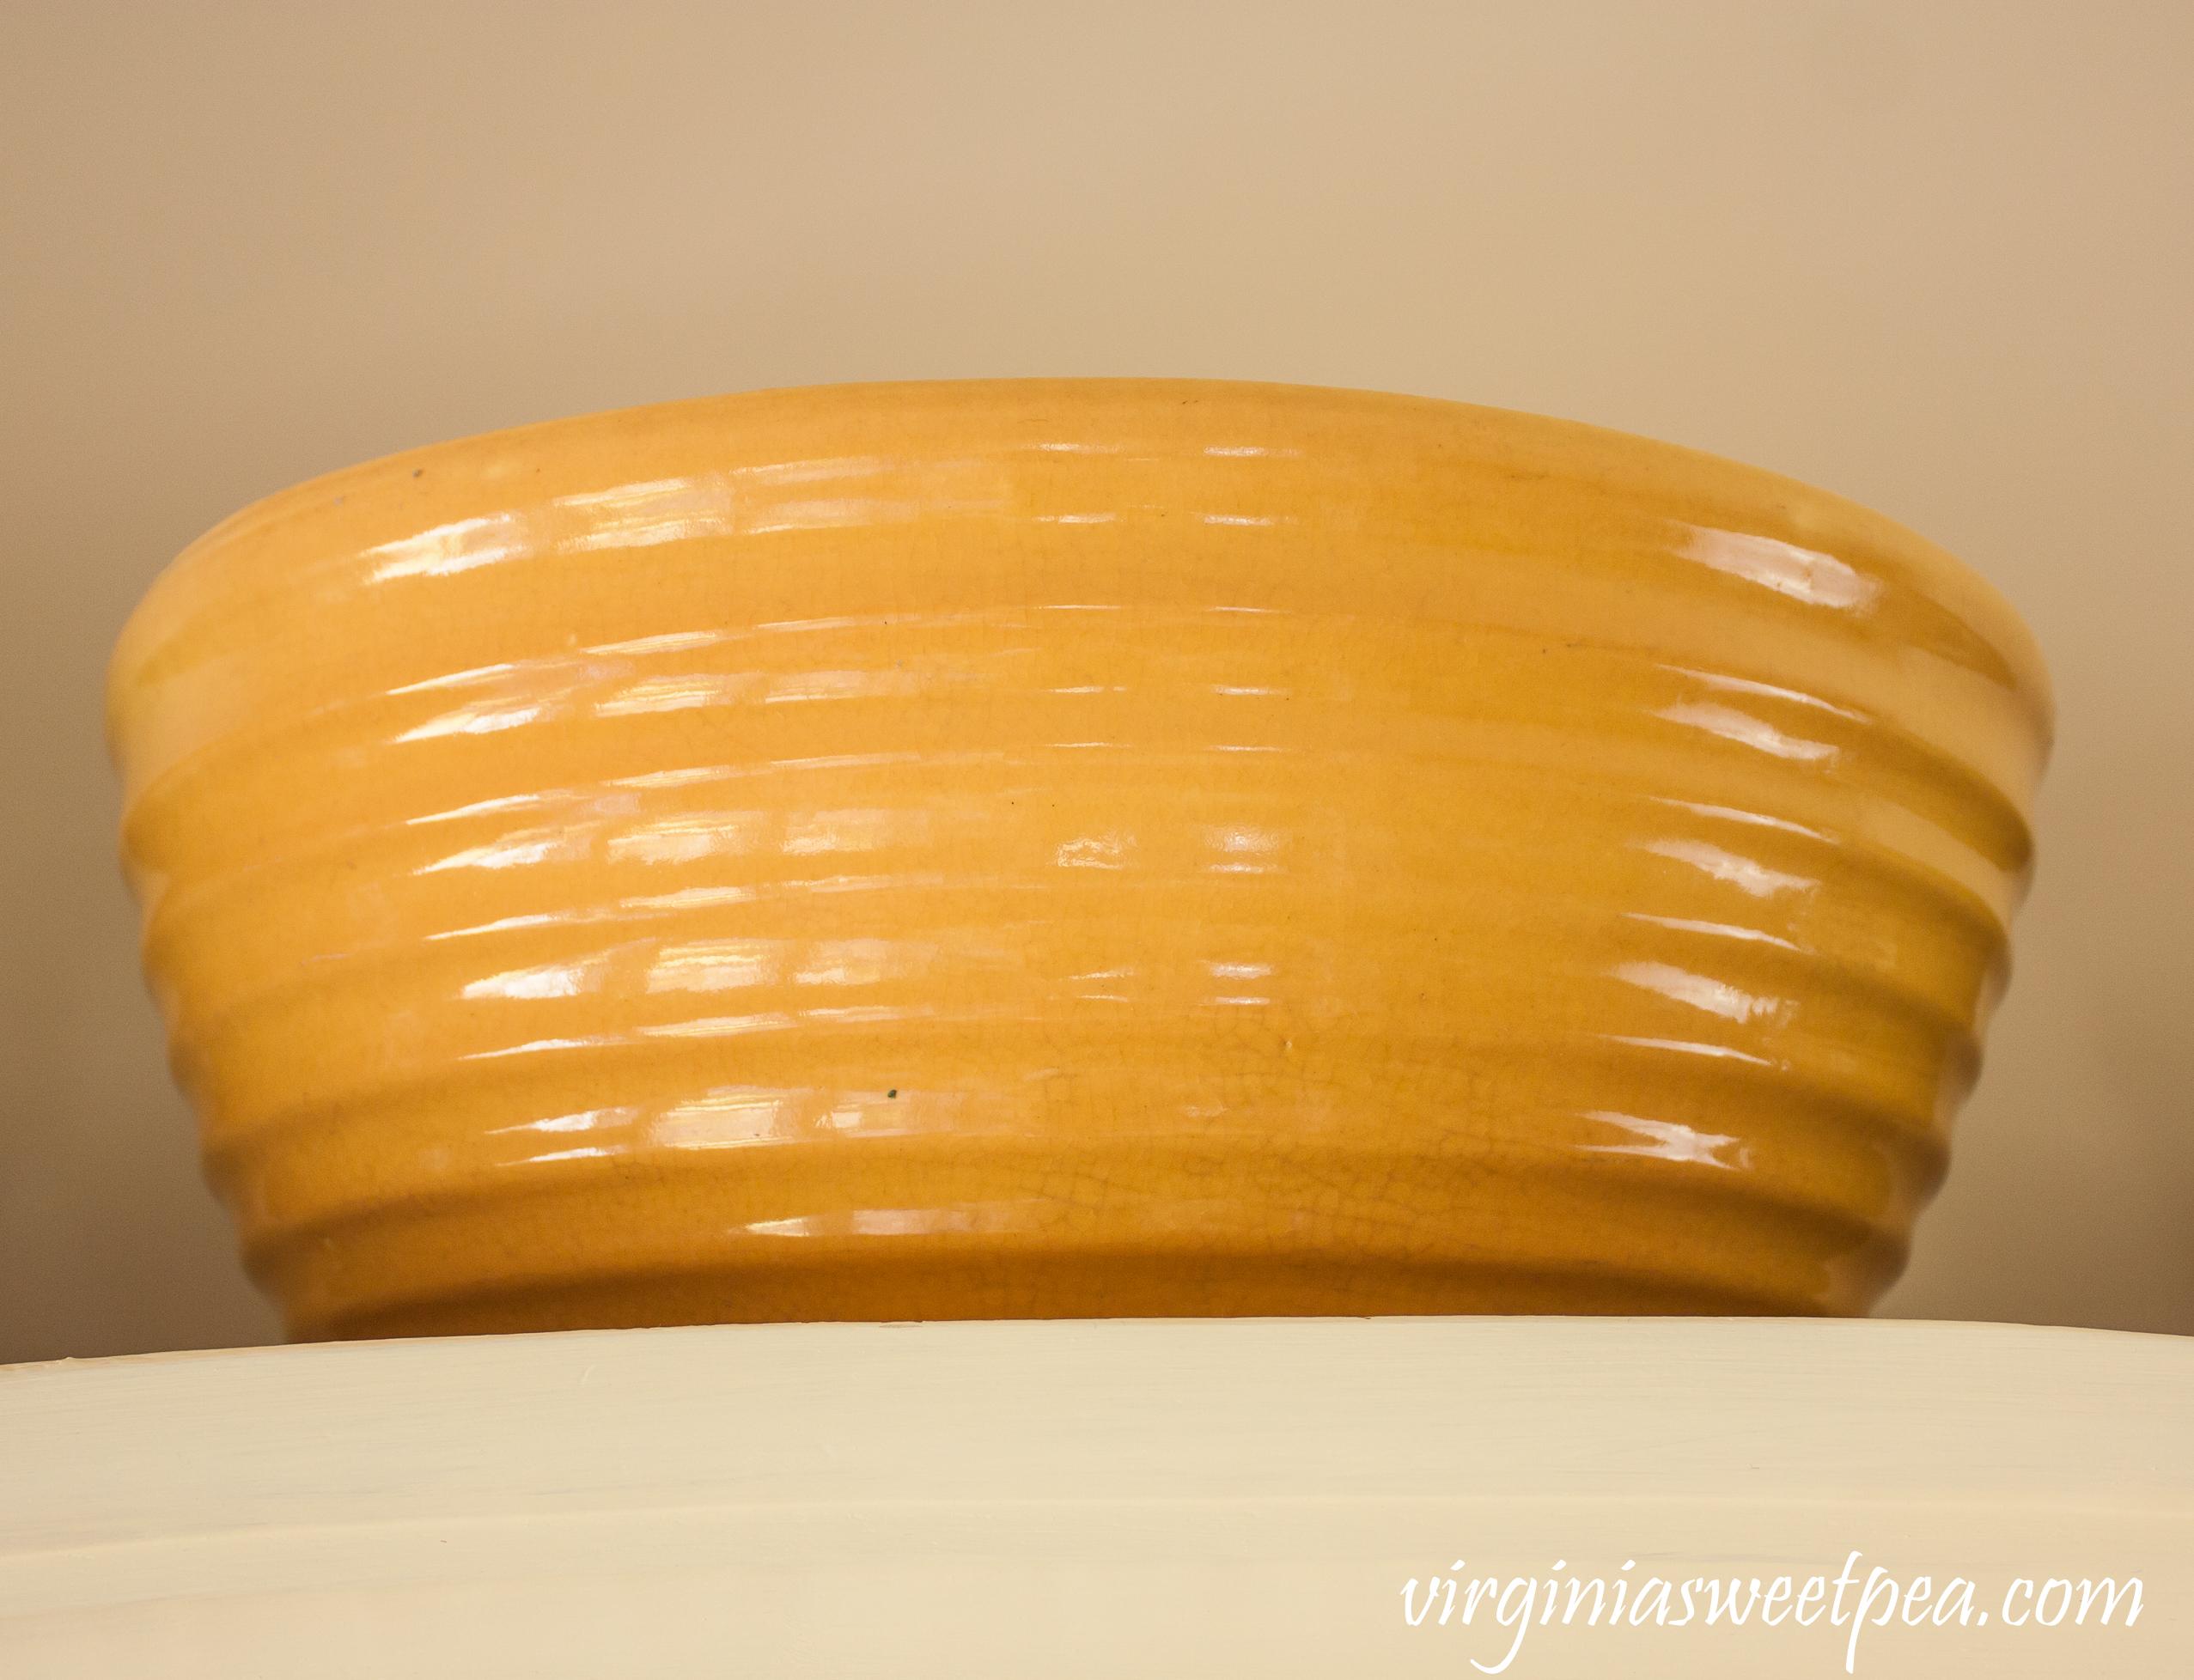 York P 1930's Pfaltzgraff Mixing Bowl  #antiquemixingbowl #YorkPmixingbowl #antiquepfaltzgraff